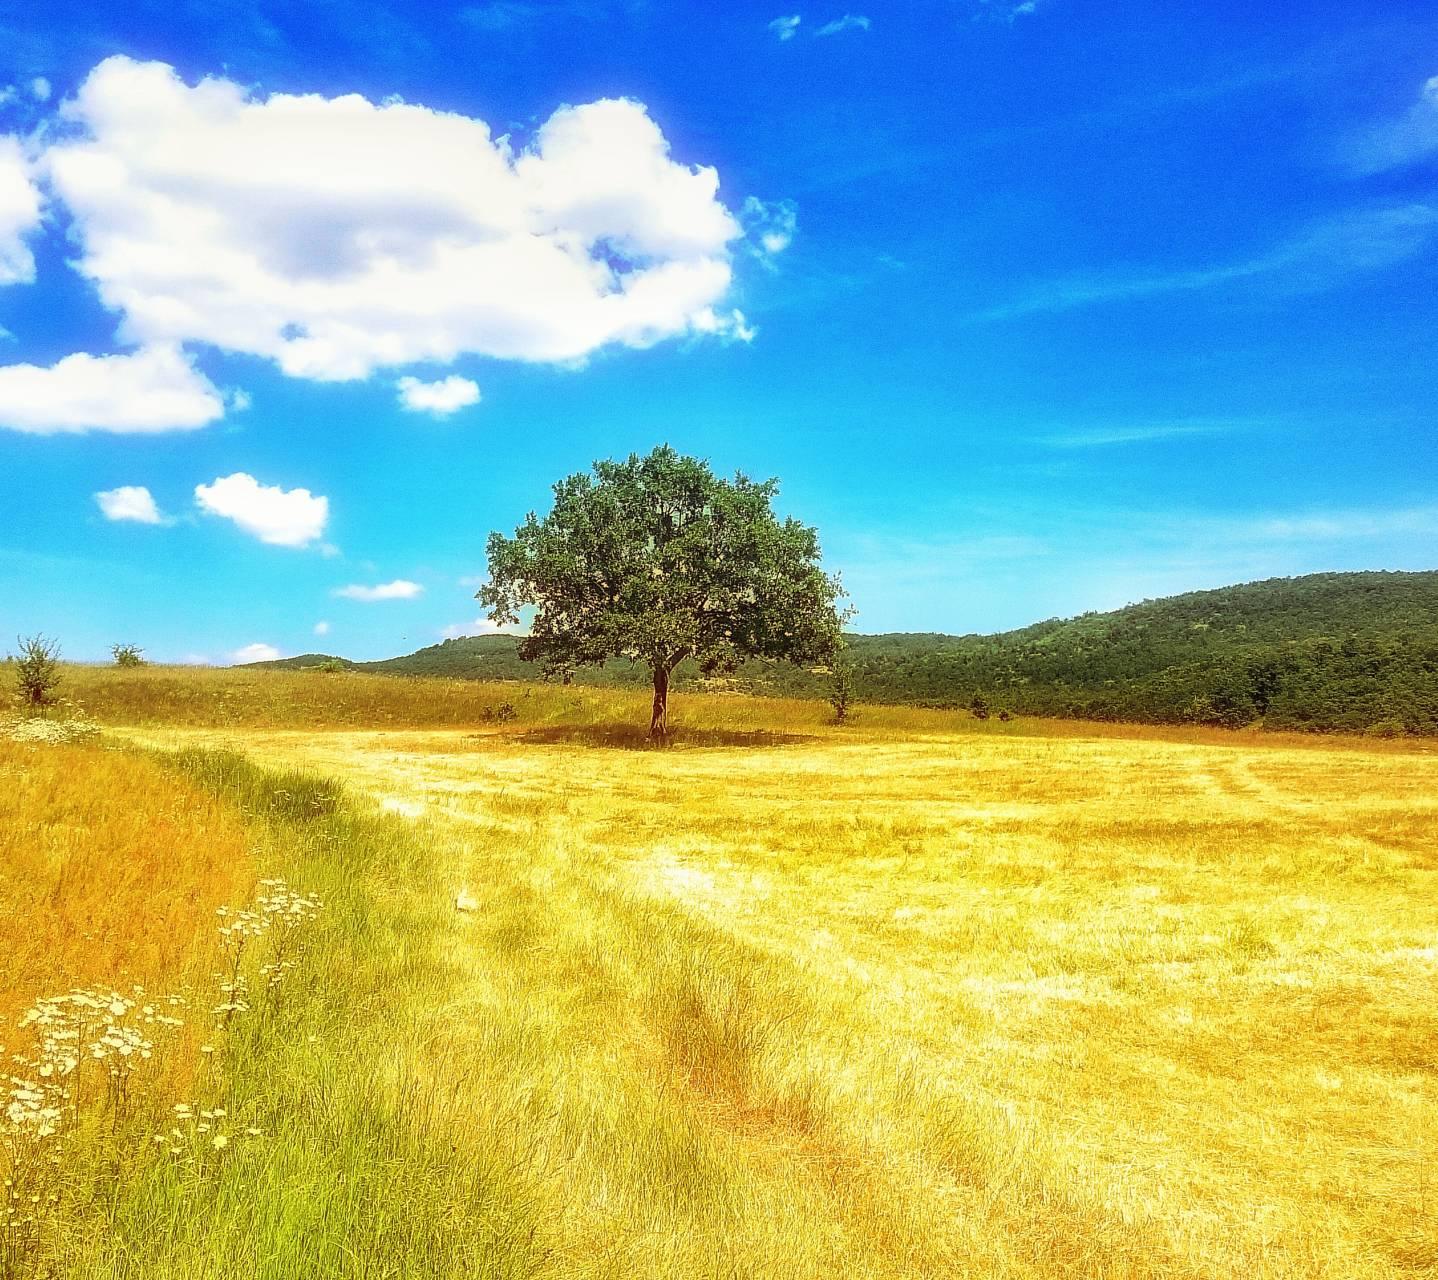 Lone tree in meadow